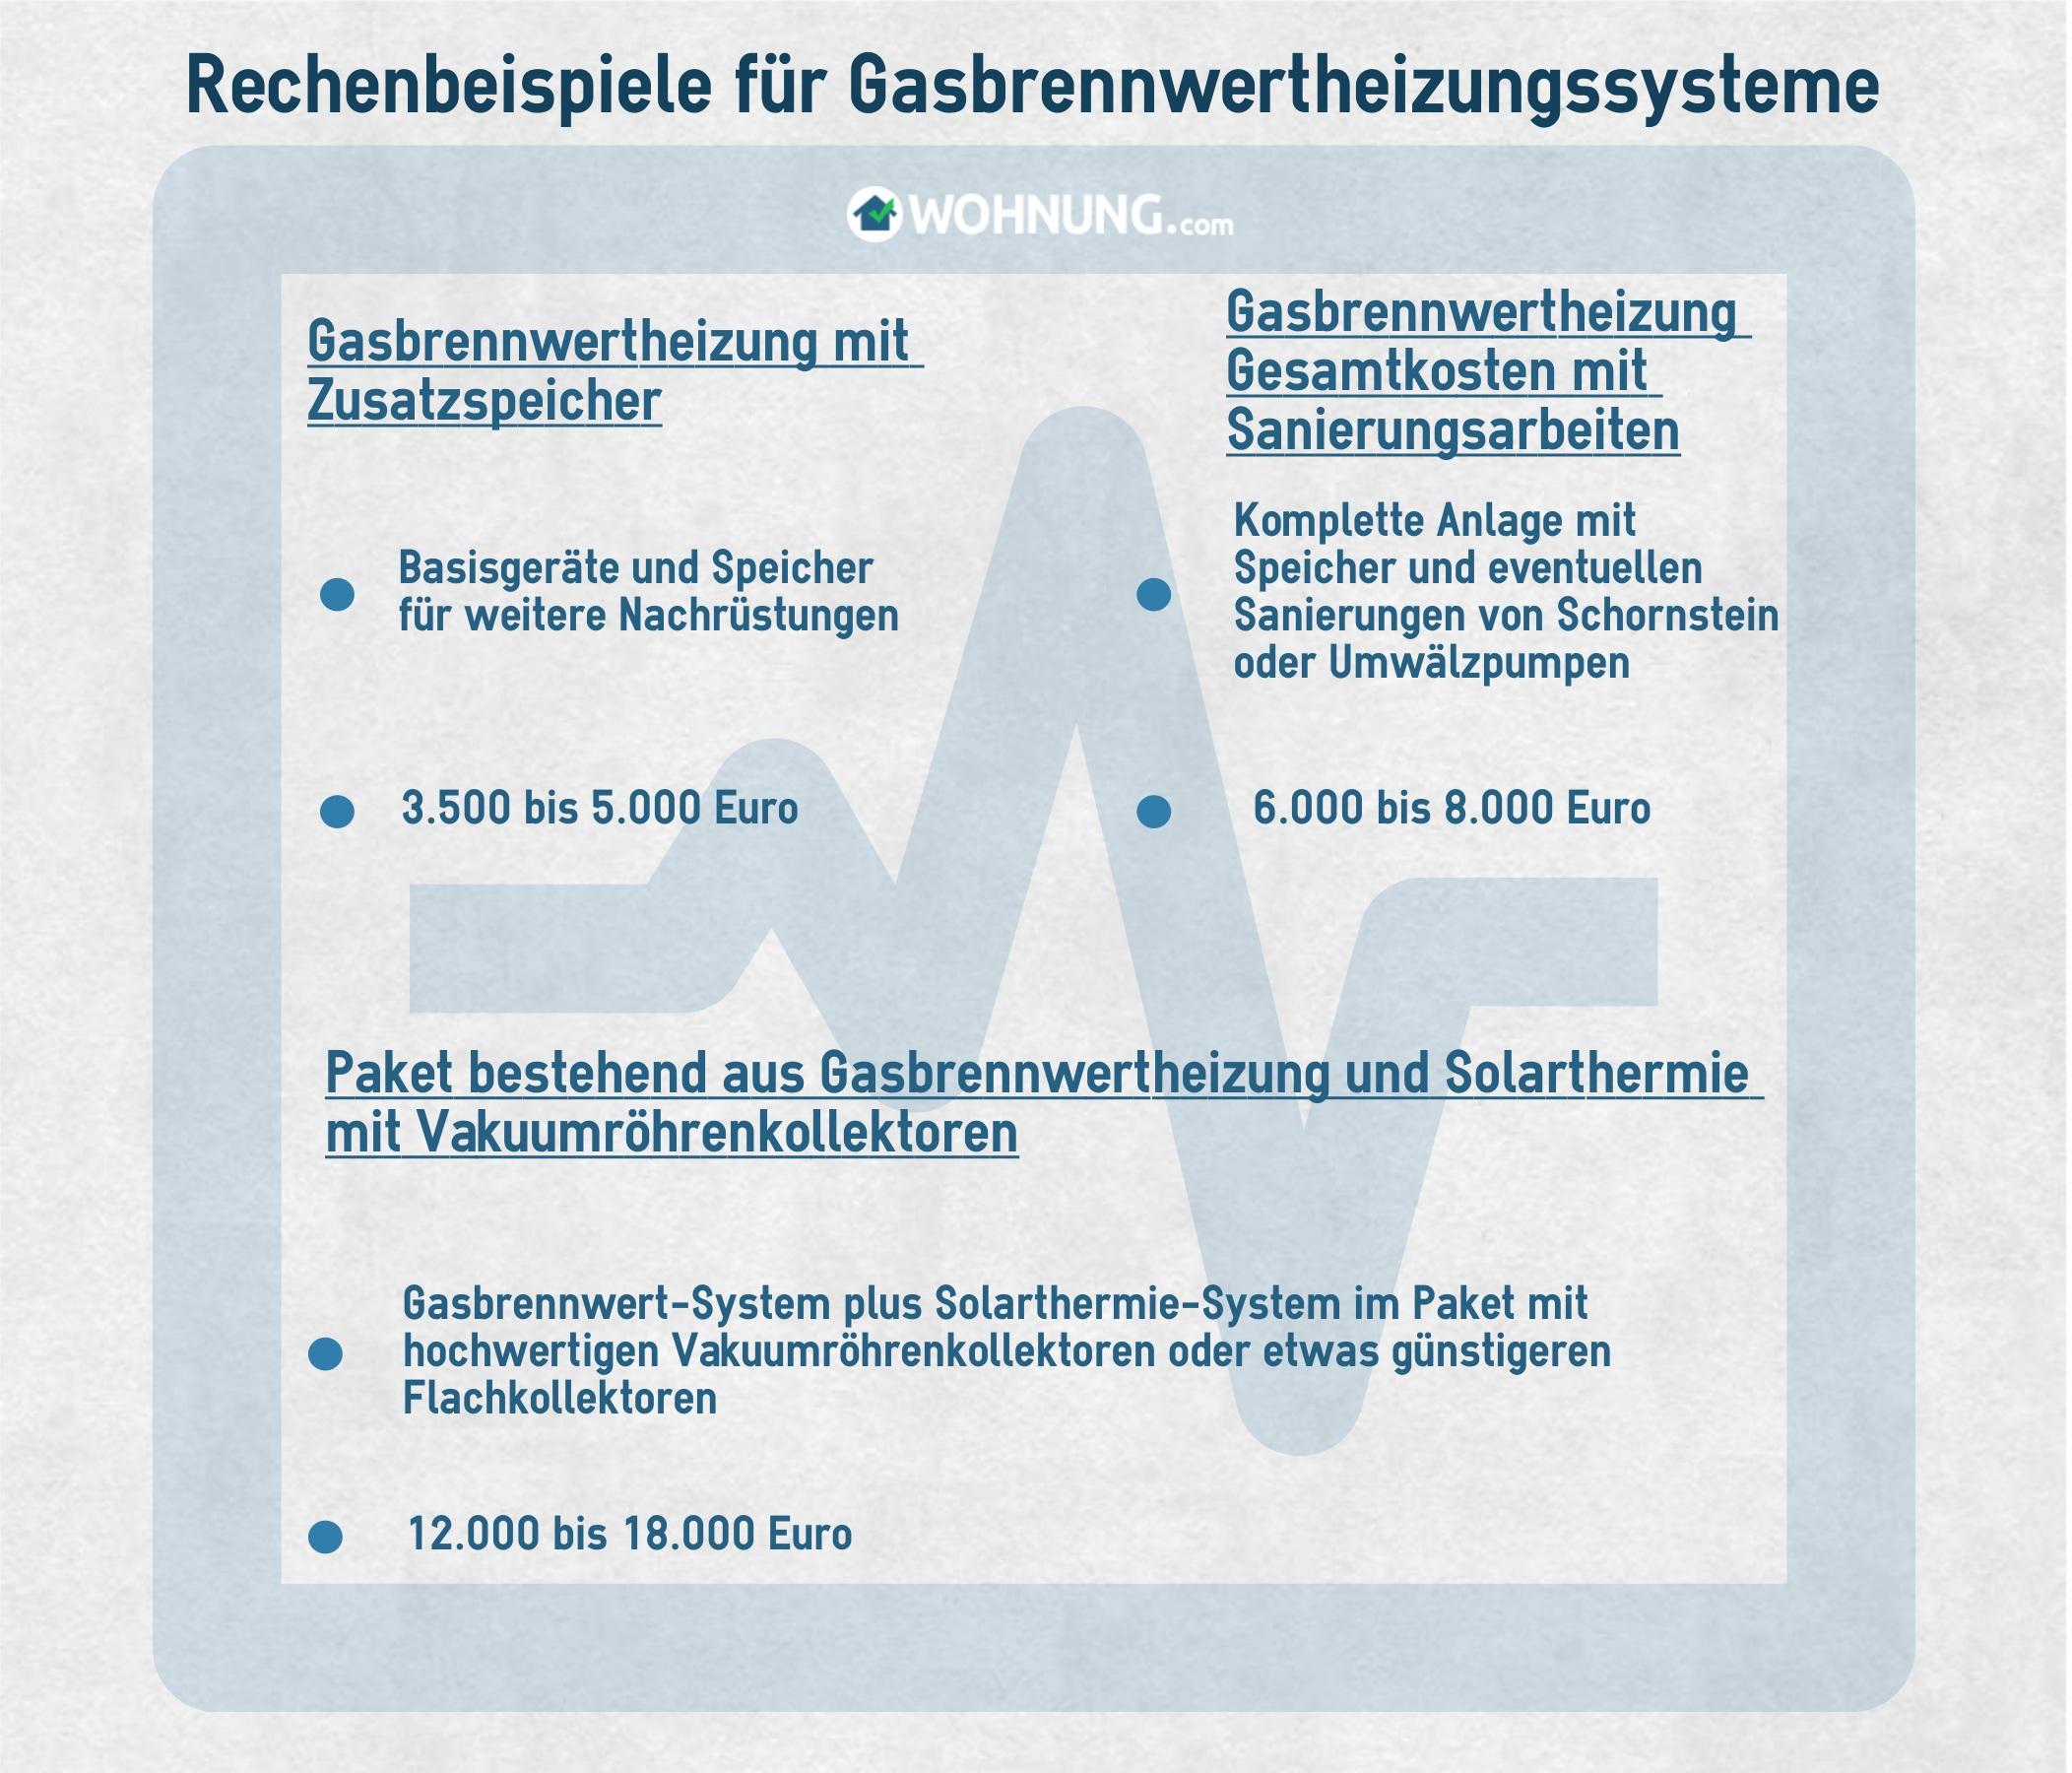 Gaskessel: Technik und Funktion - Wohnung.com Ratgeber